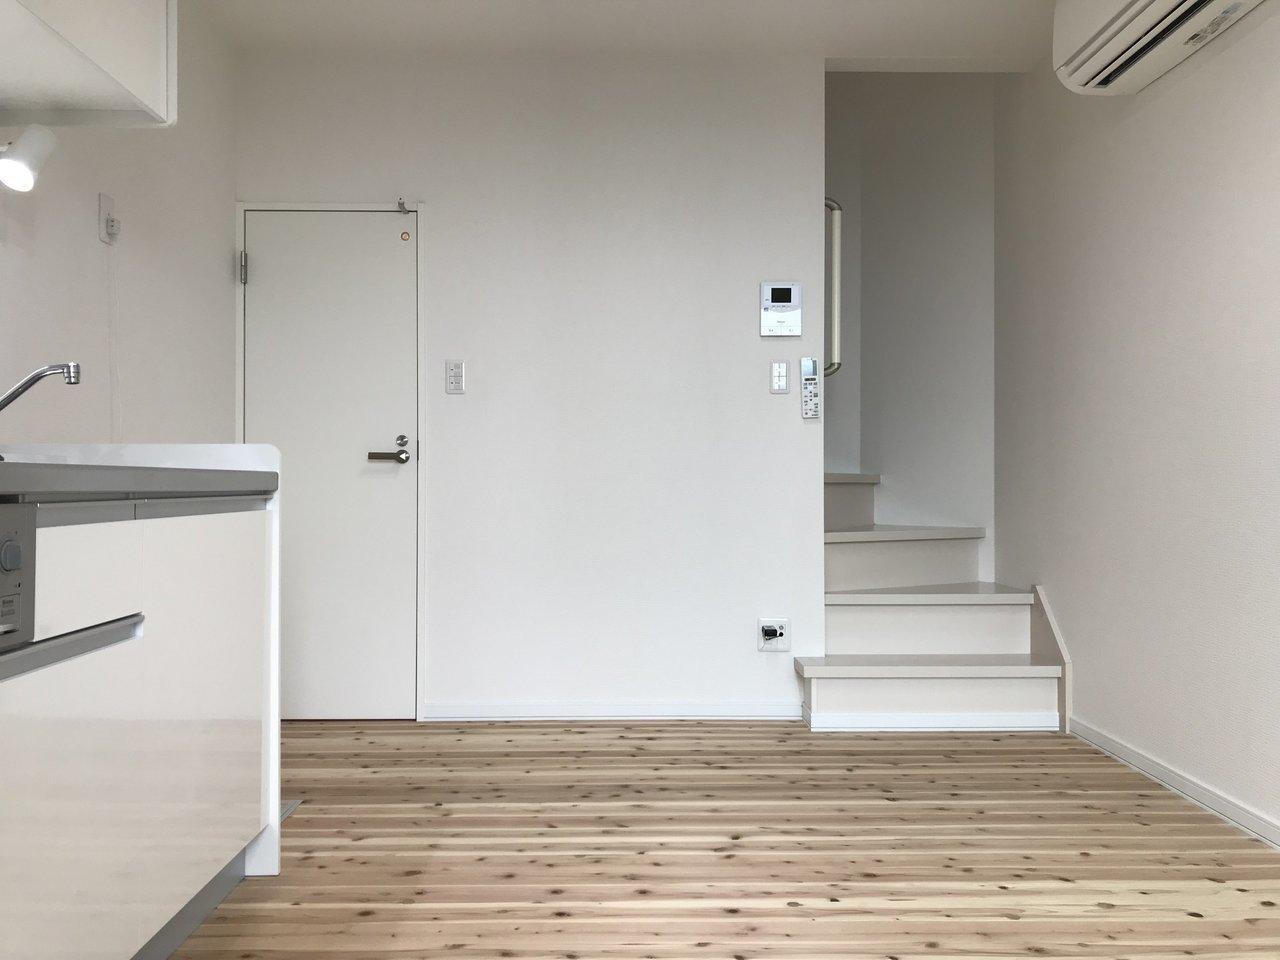 無垢床材を使用していて、木の香りが存分に感じられる1DKのお部屋。2階があって、さらにその上にロフトまであって。なんとも贅沢にお部屋を使えそう。